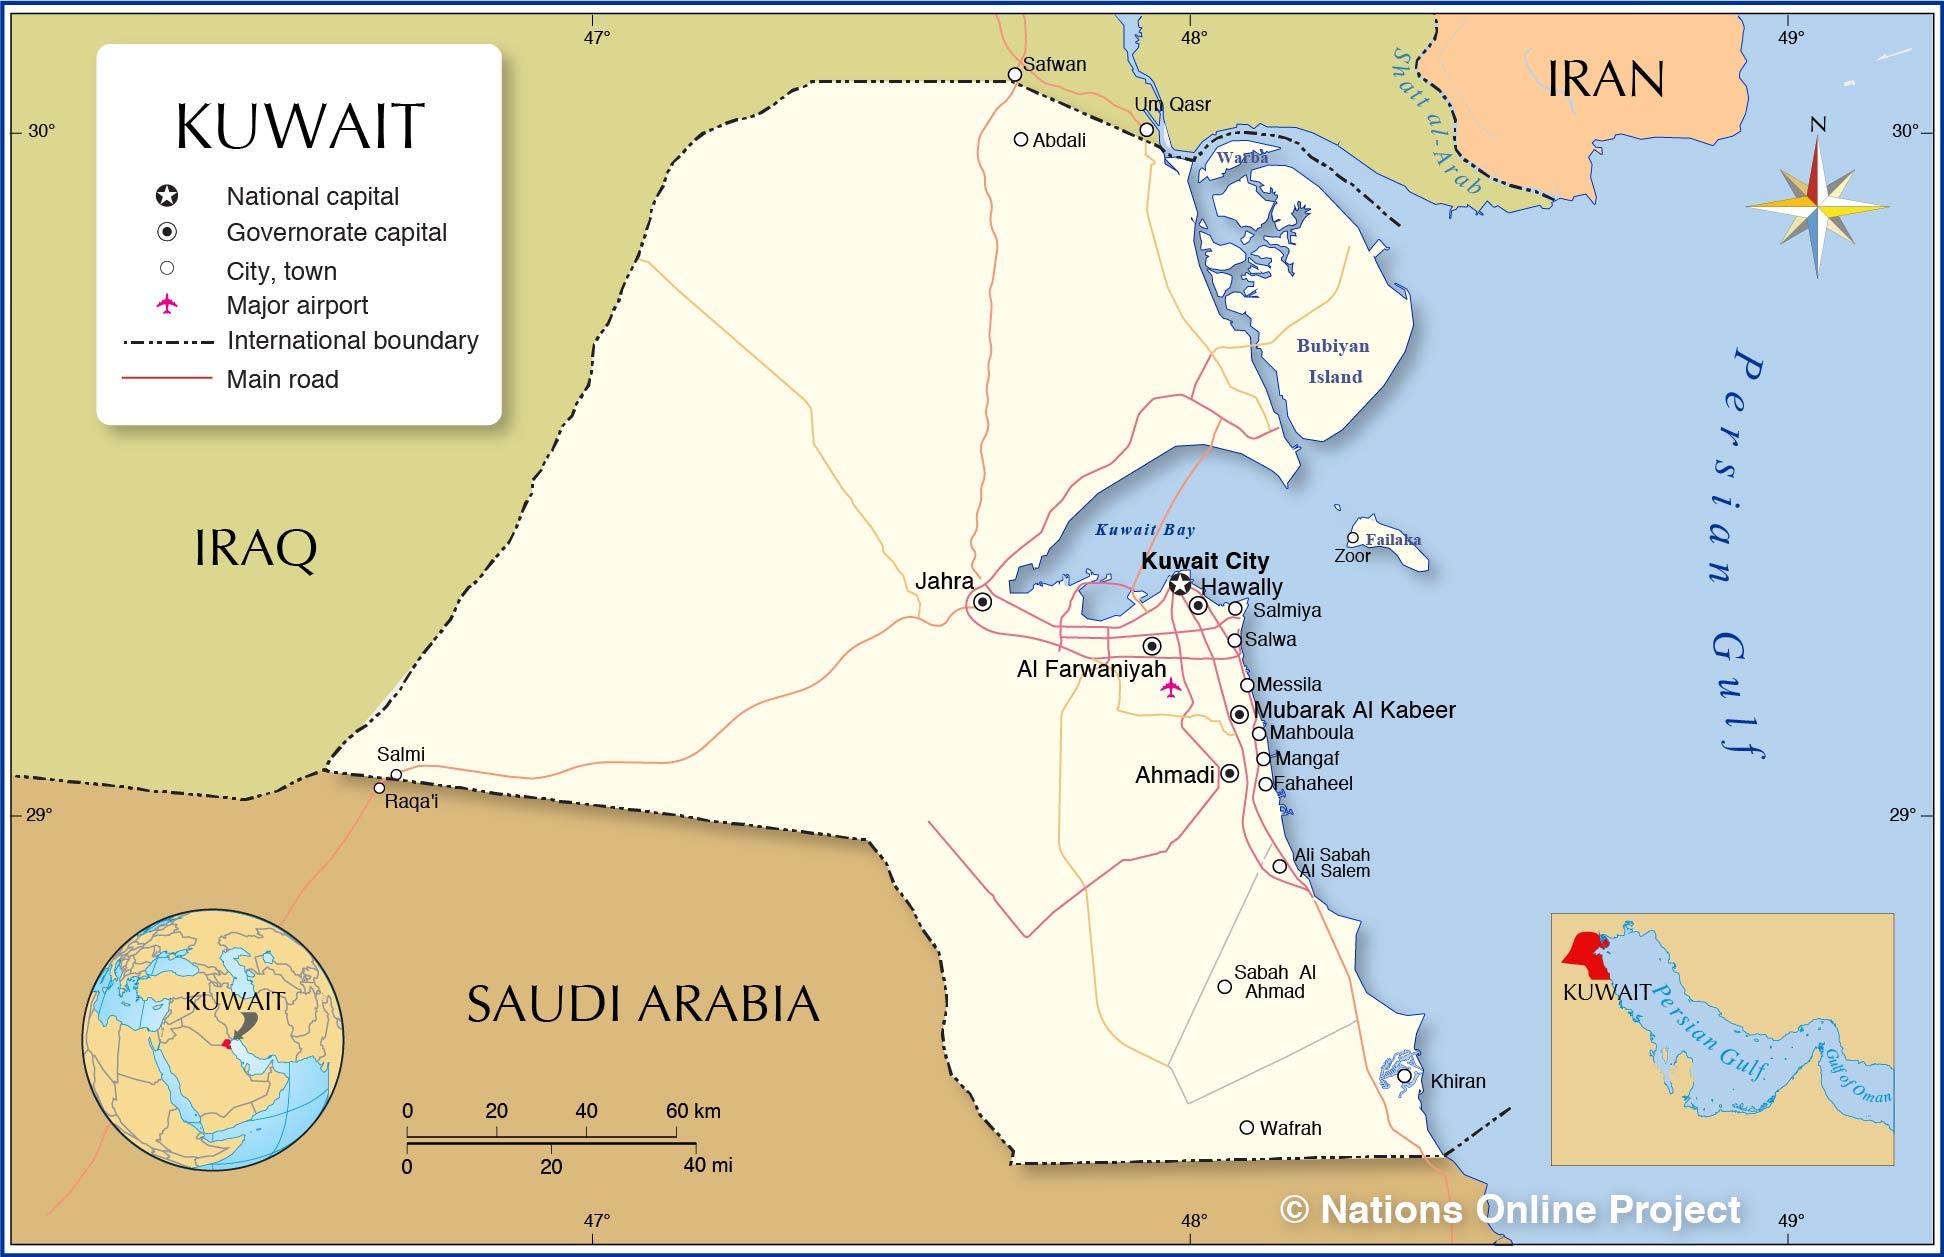 ارسال بار هوایی به کویت سیتی